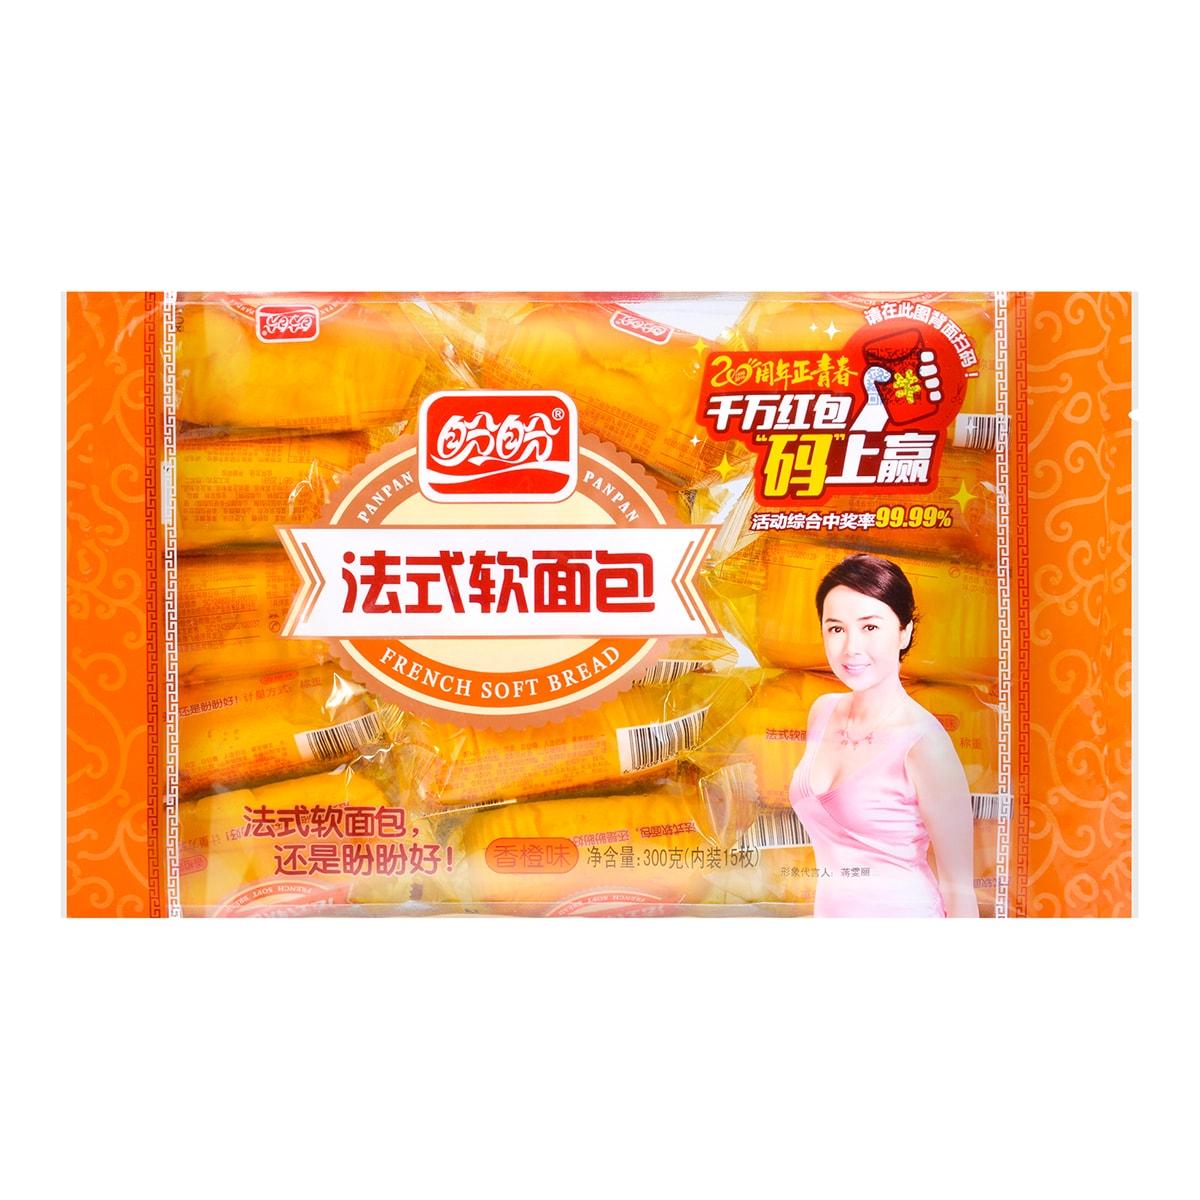 盼盼 法式软面包 香橙味 15枚入 300g